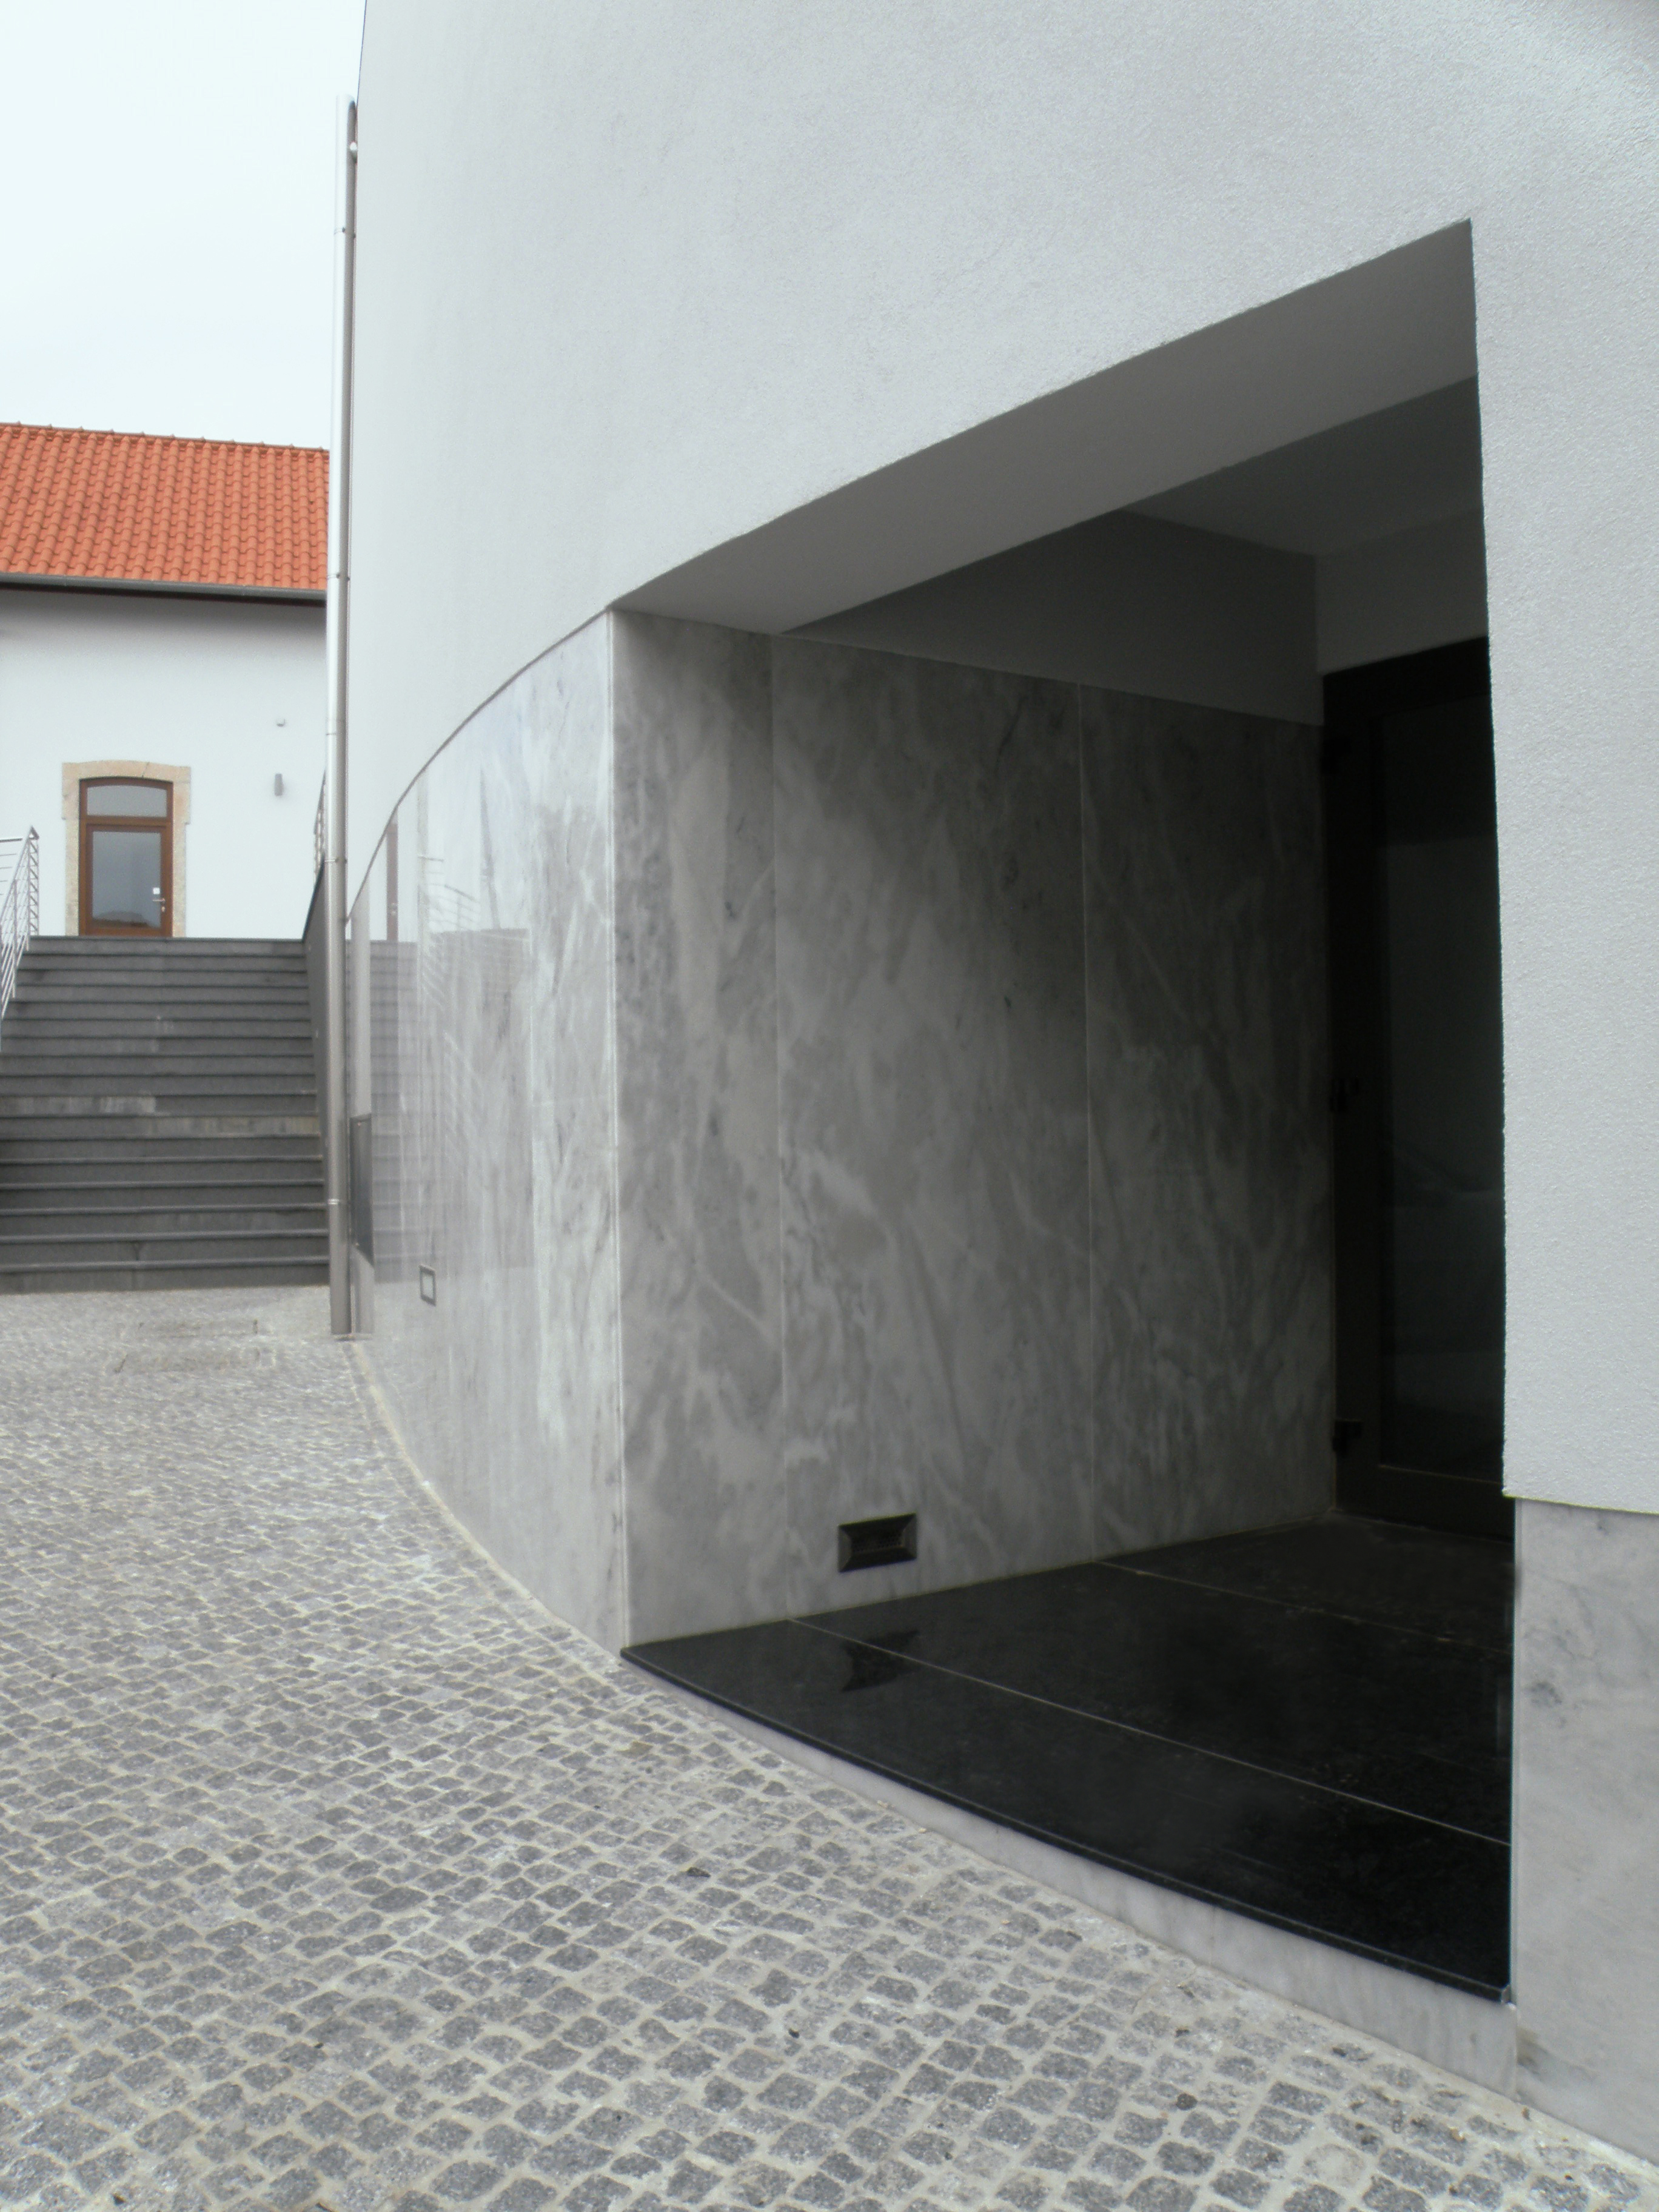 0803_08.jpg